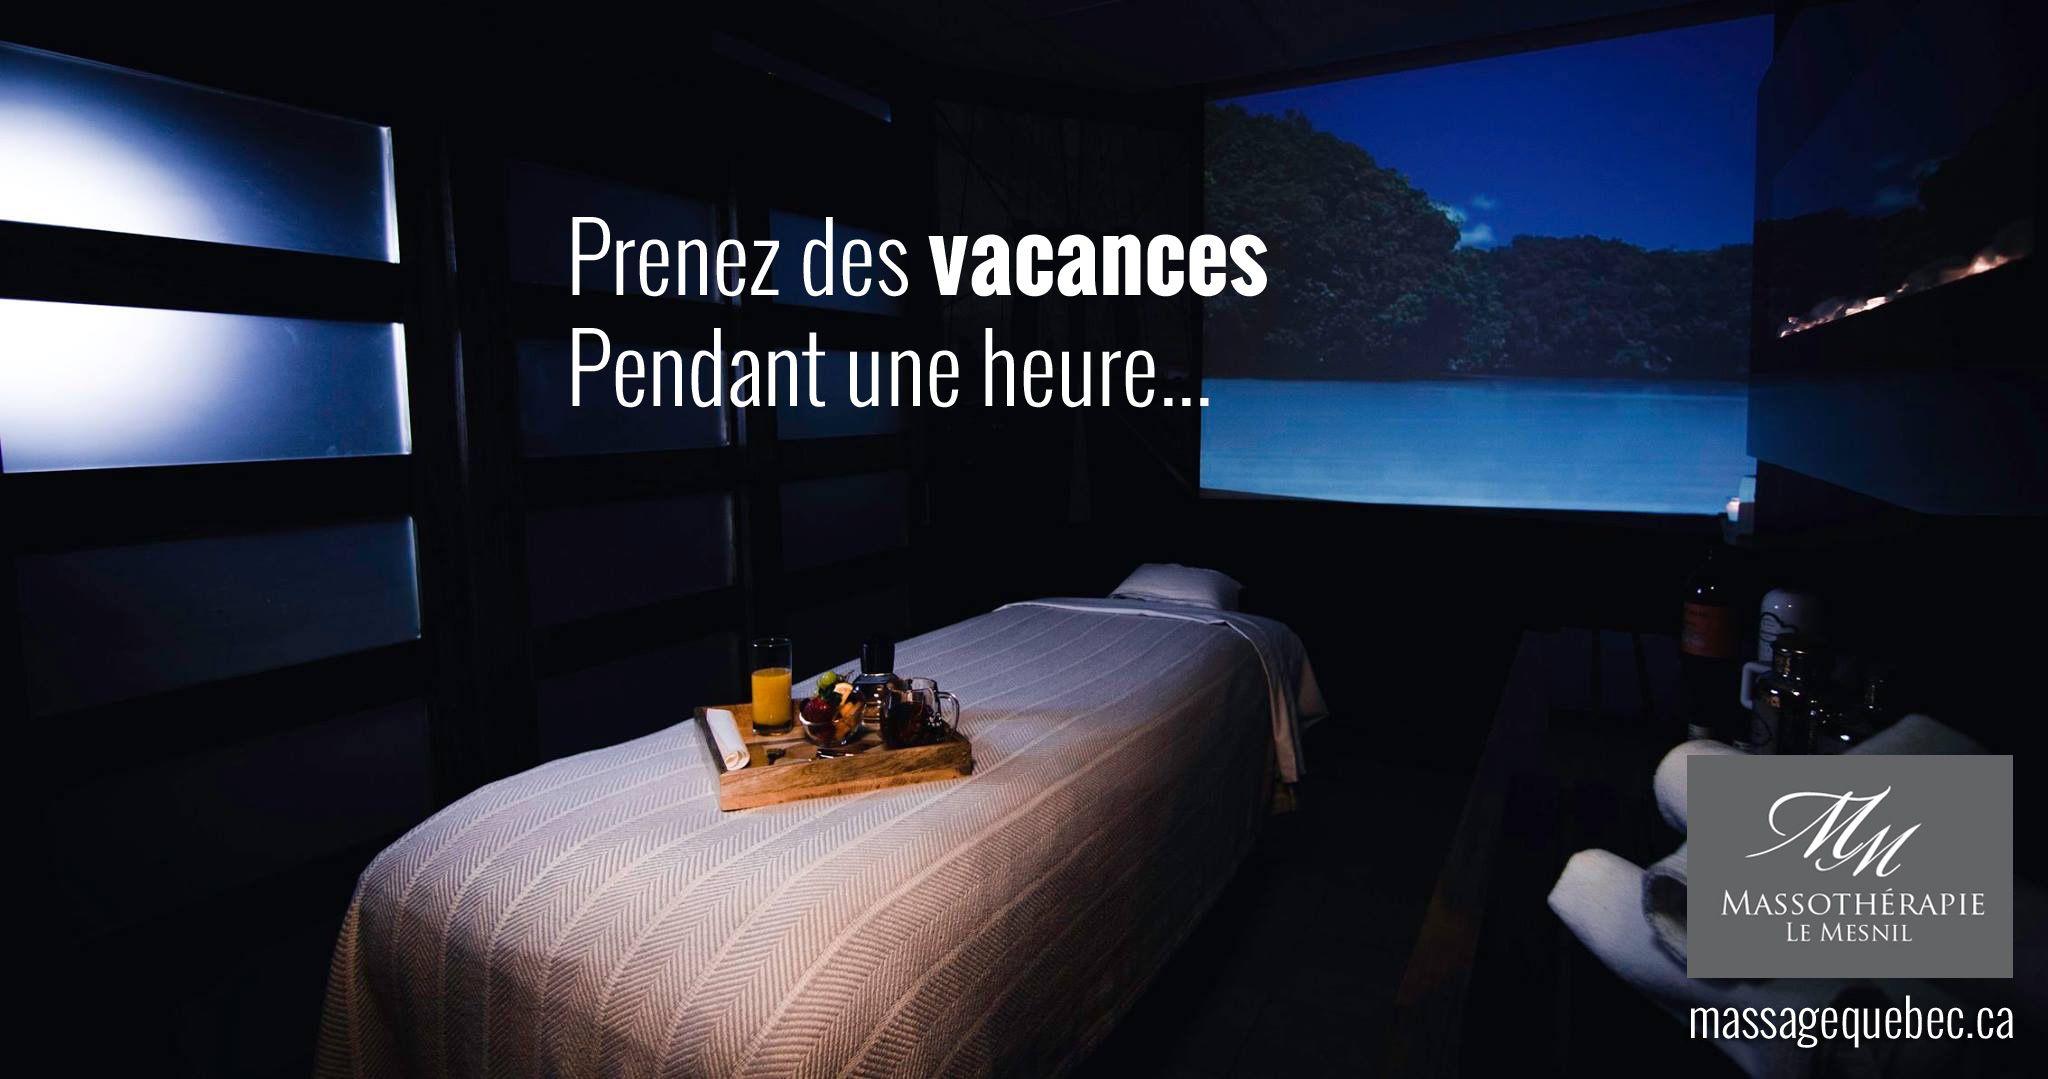 Besoin de vacances? (Pendant 1 heure) Appelez-nous au 418-997-9625 ou visitez notre site web http://www.massagequebec.ca pour plus d'information sur nos services